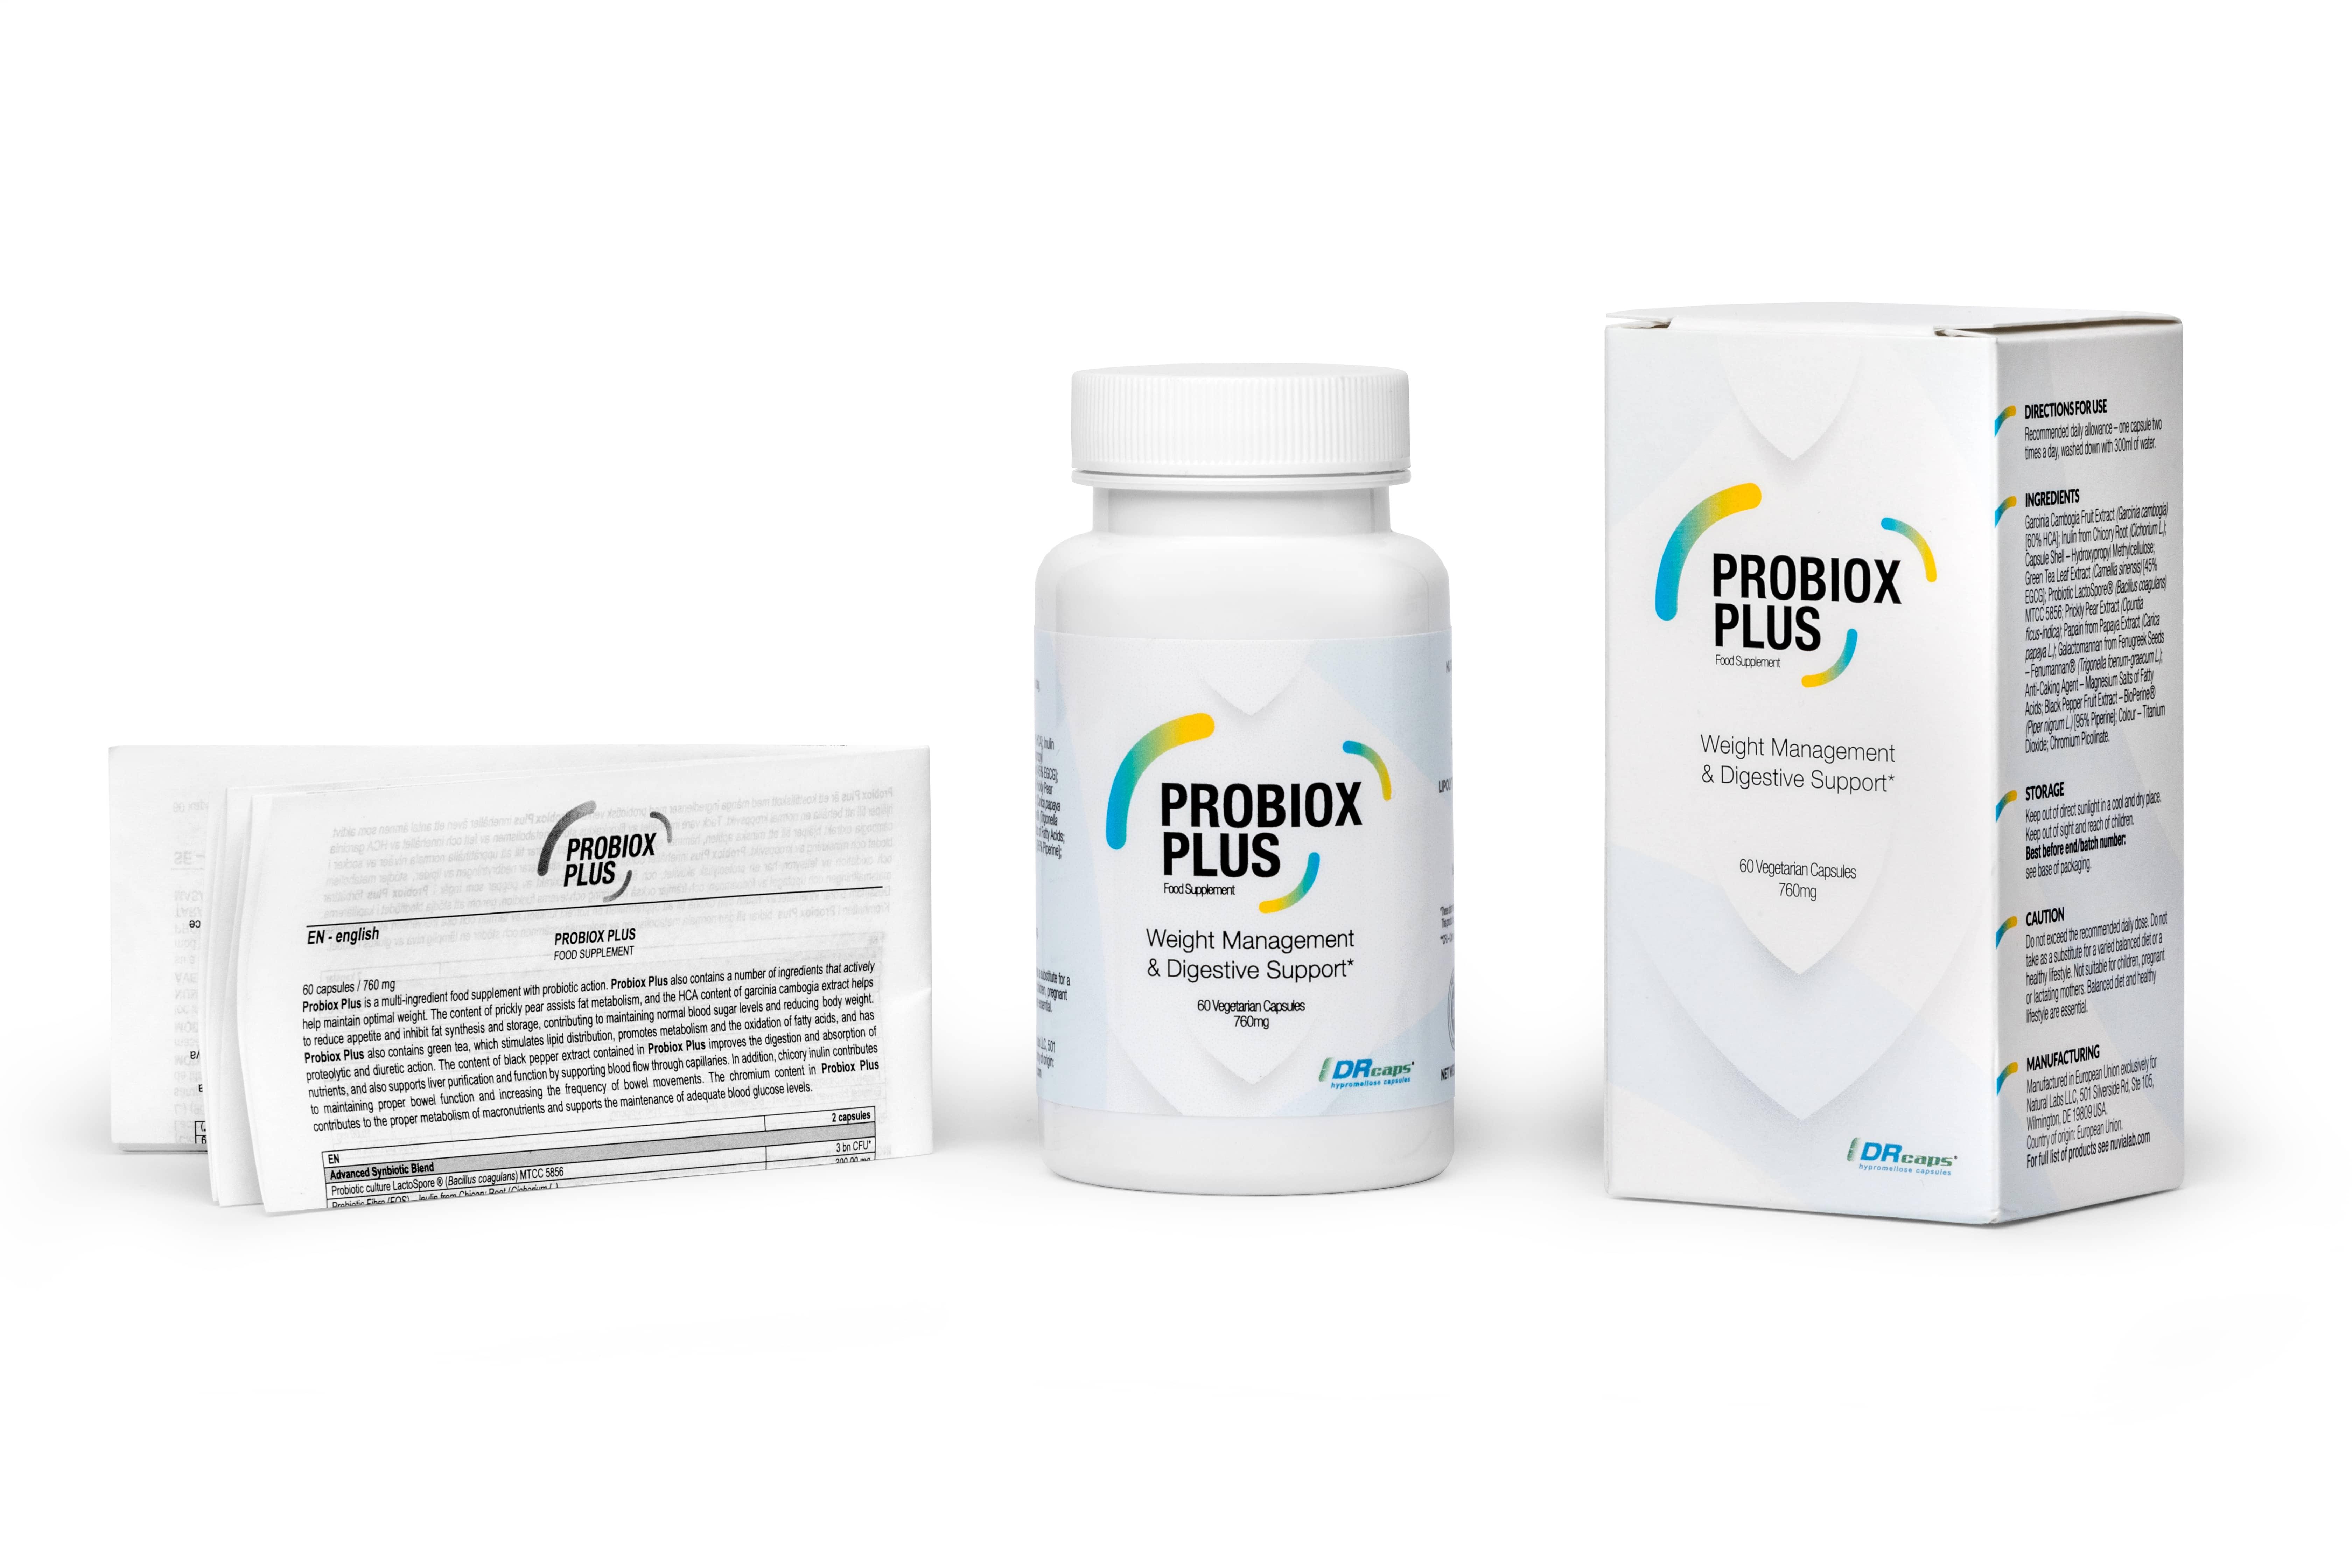 probiox plus